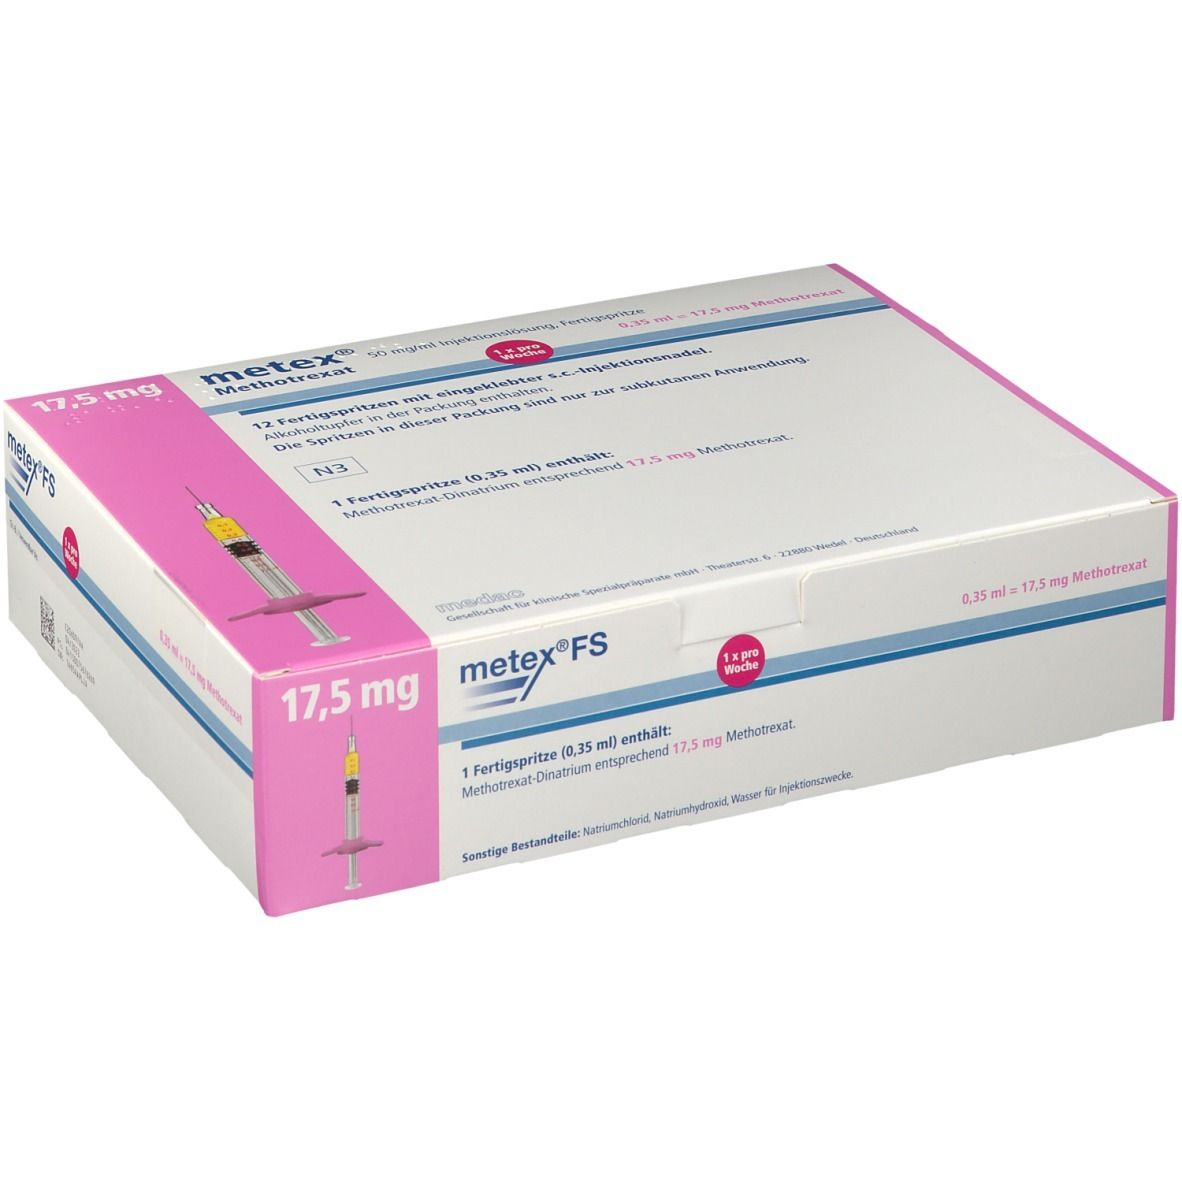 METEX FS 17,5 mg 50 mg/ml Fertigspritzen